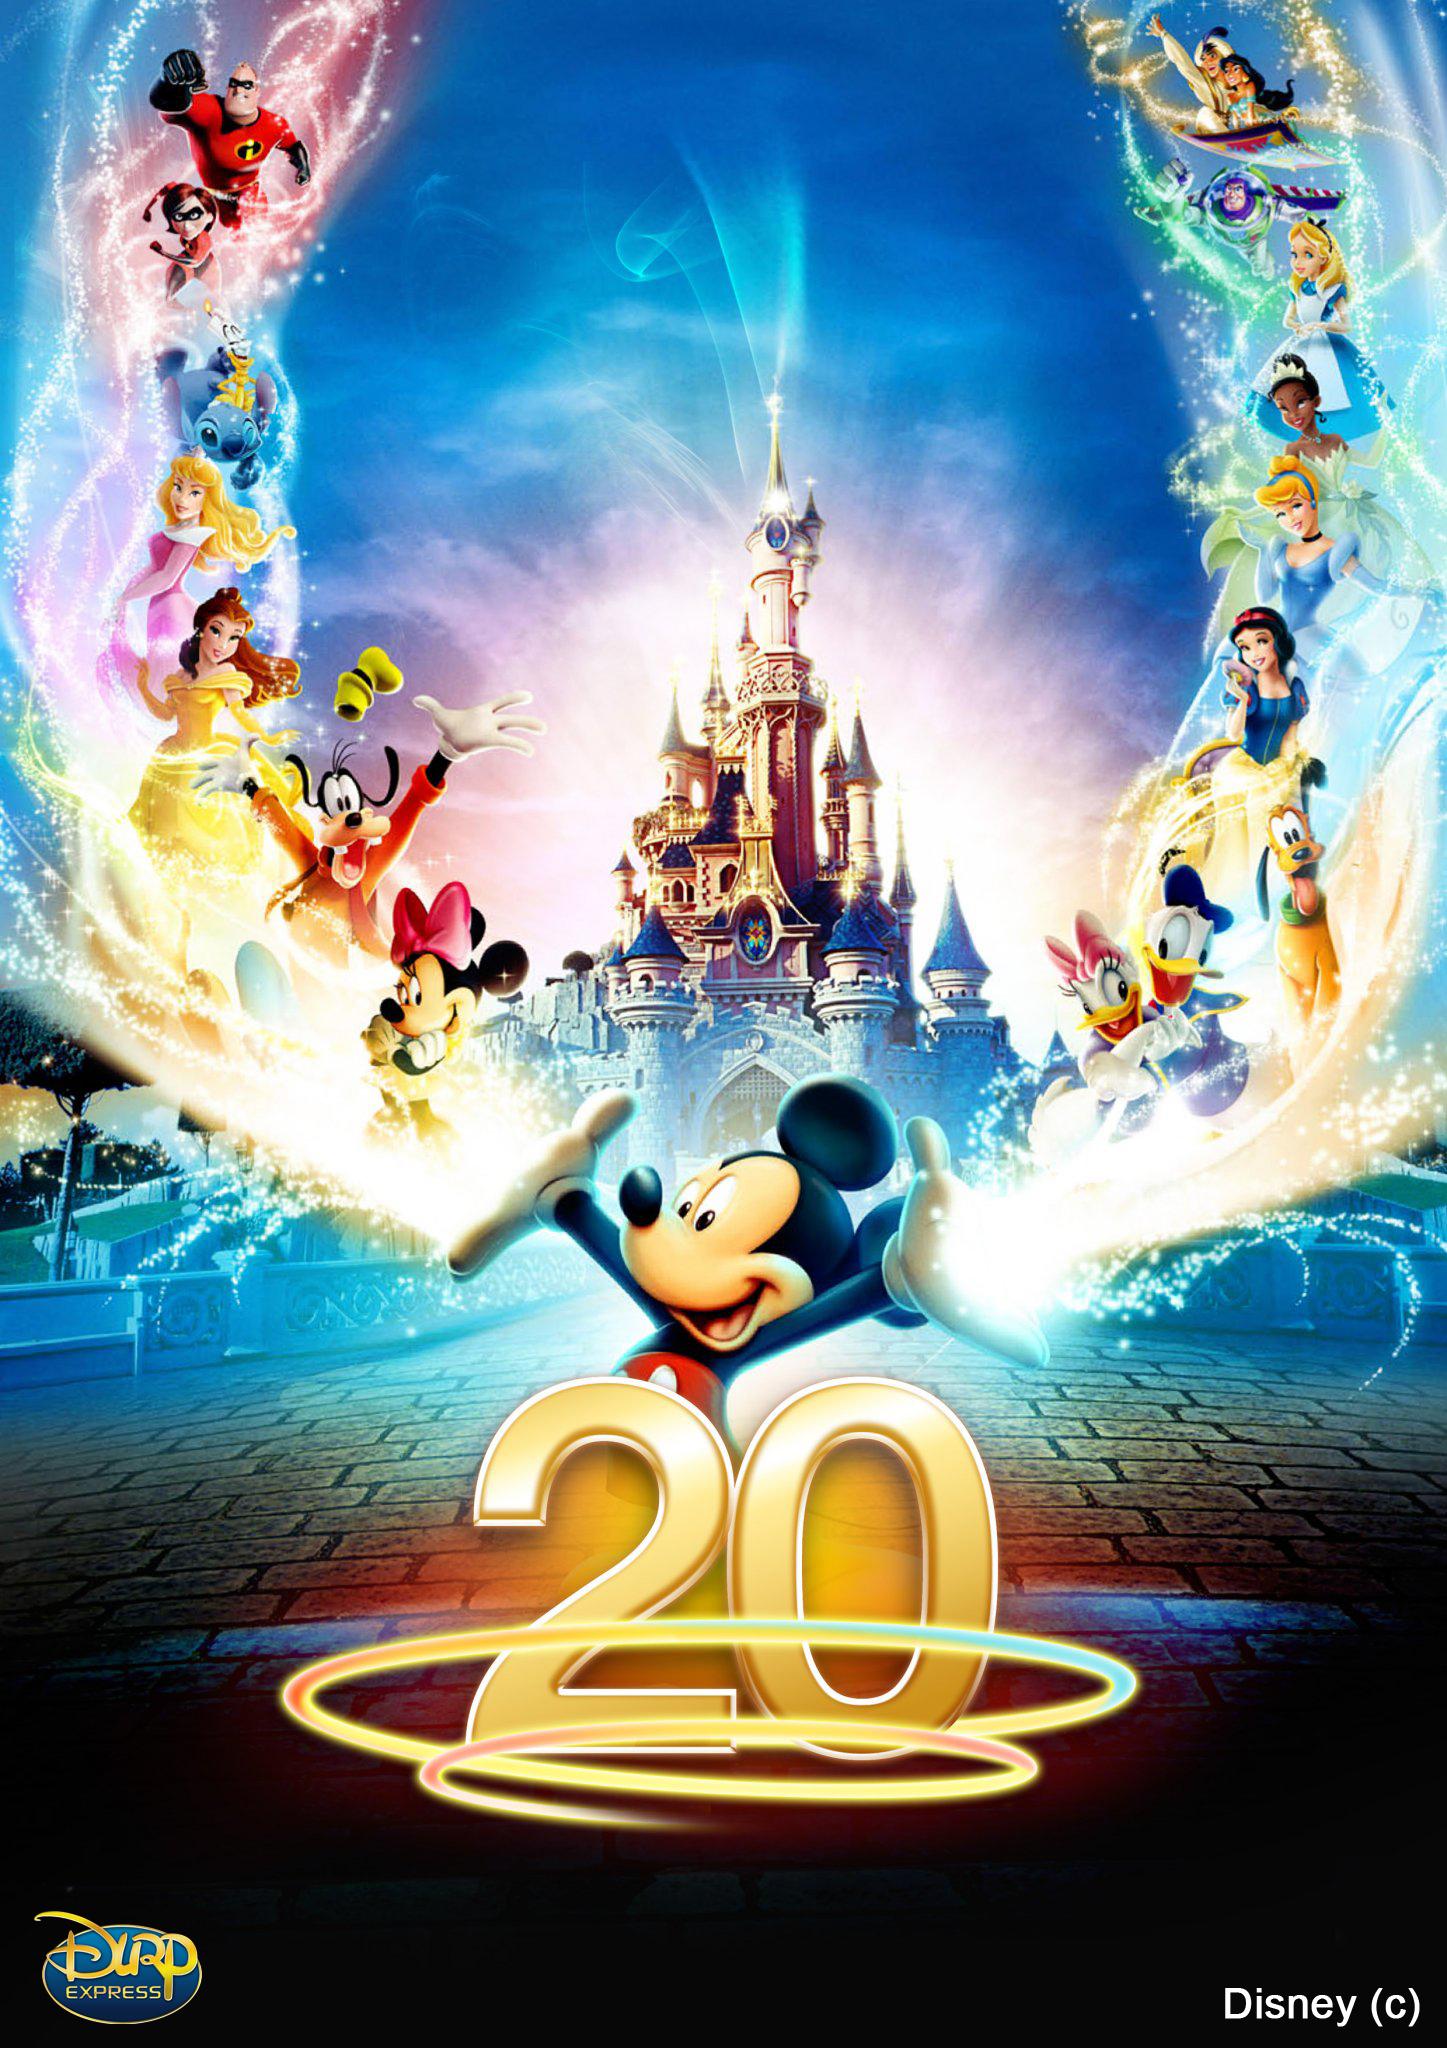 2 billets (Adulte & enfant) 1 jour 1 parc Disneyland Paris